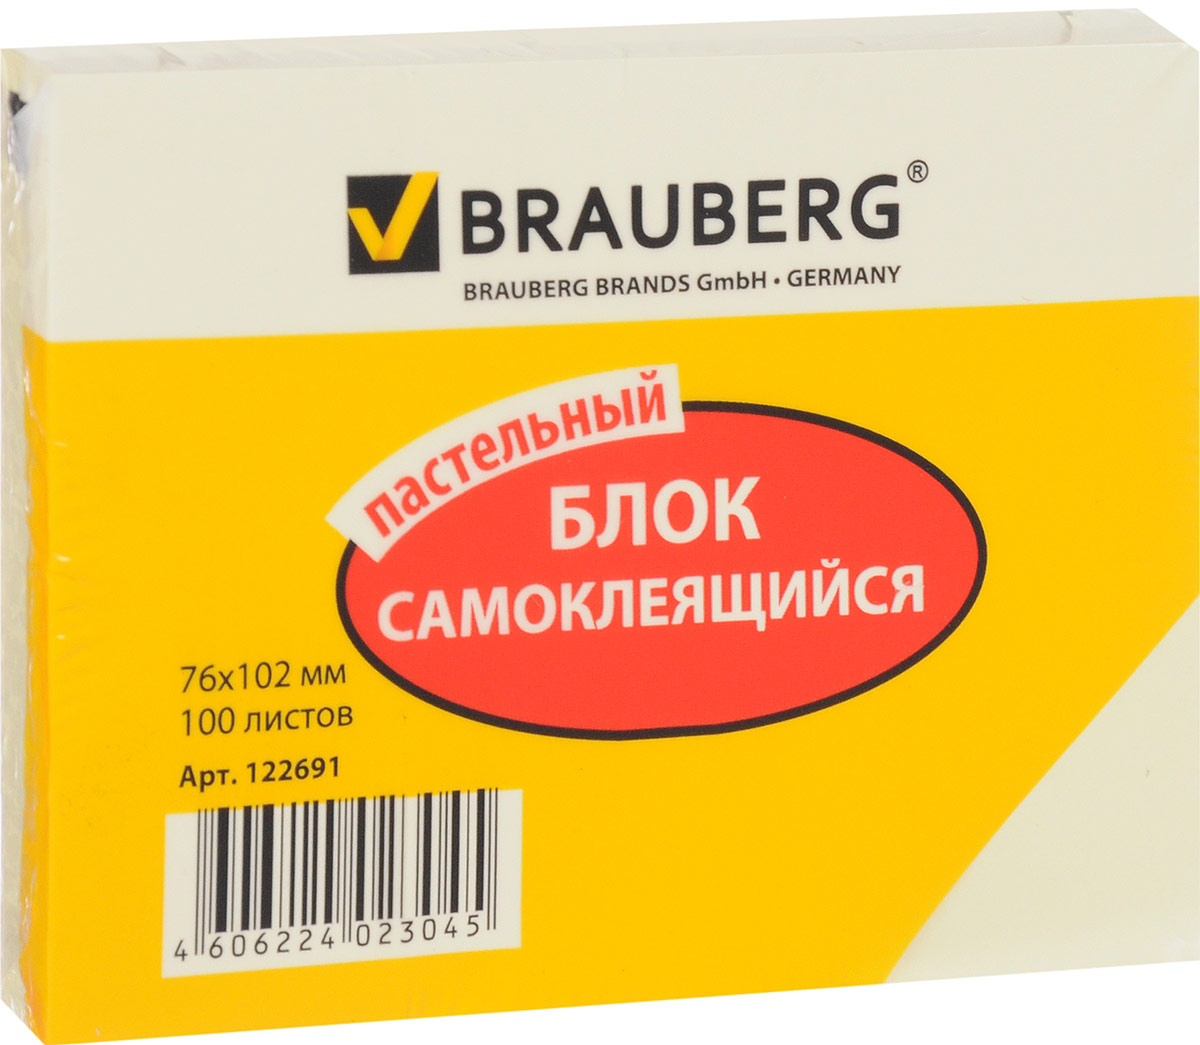 Brauberg Блок пастельный самоклеящийся цвет желтый 76 х 102 мм 100 листов